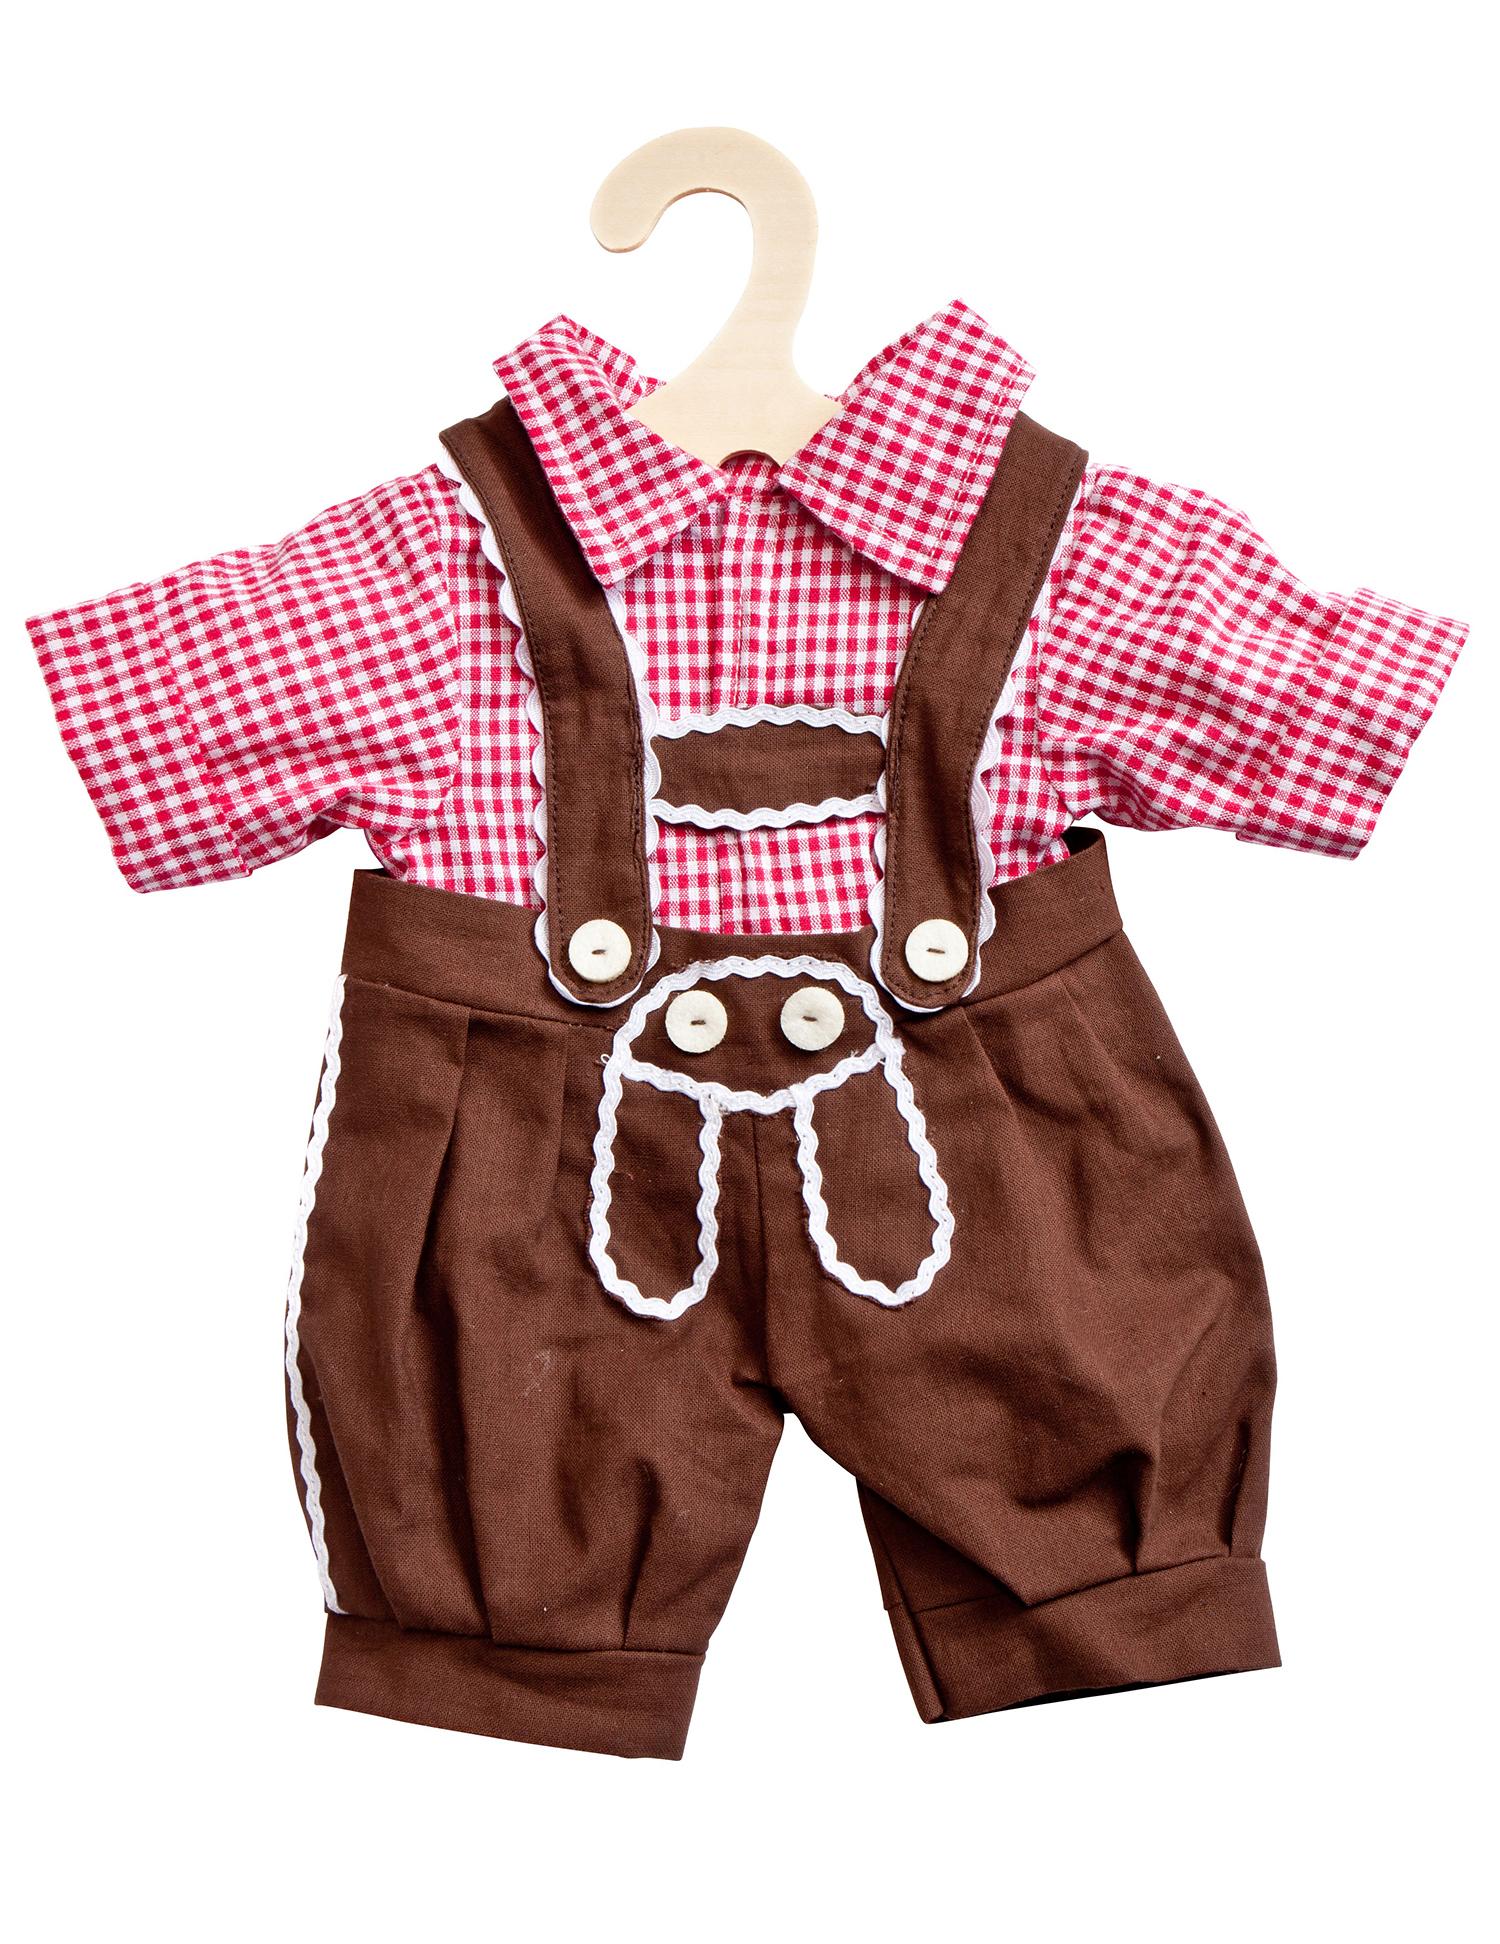 Kniebundhose mit Hemd, Gr. 35-45 cm